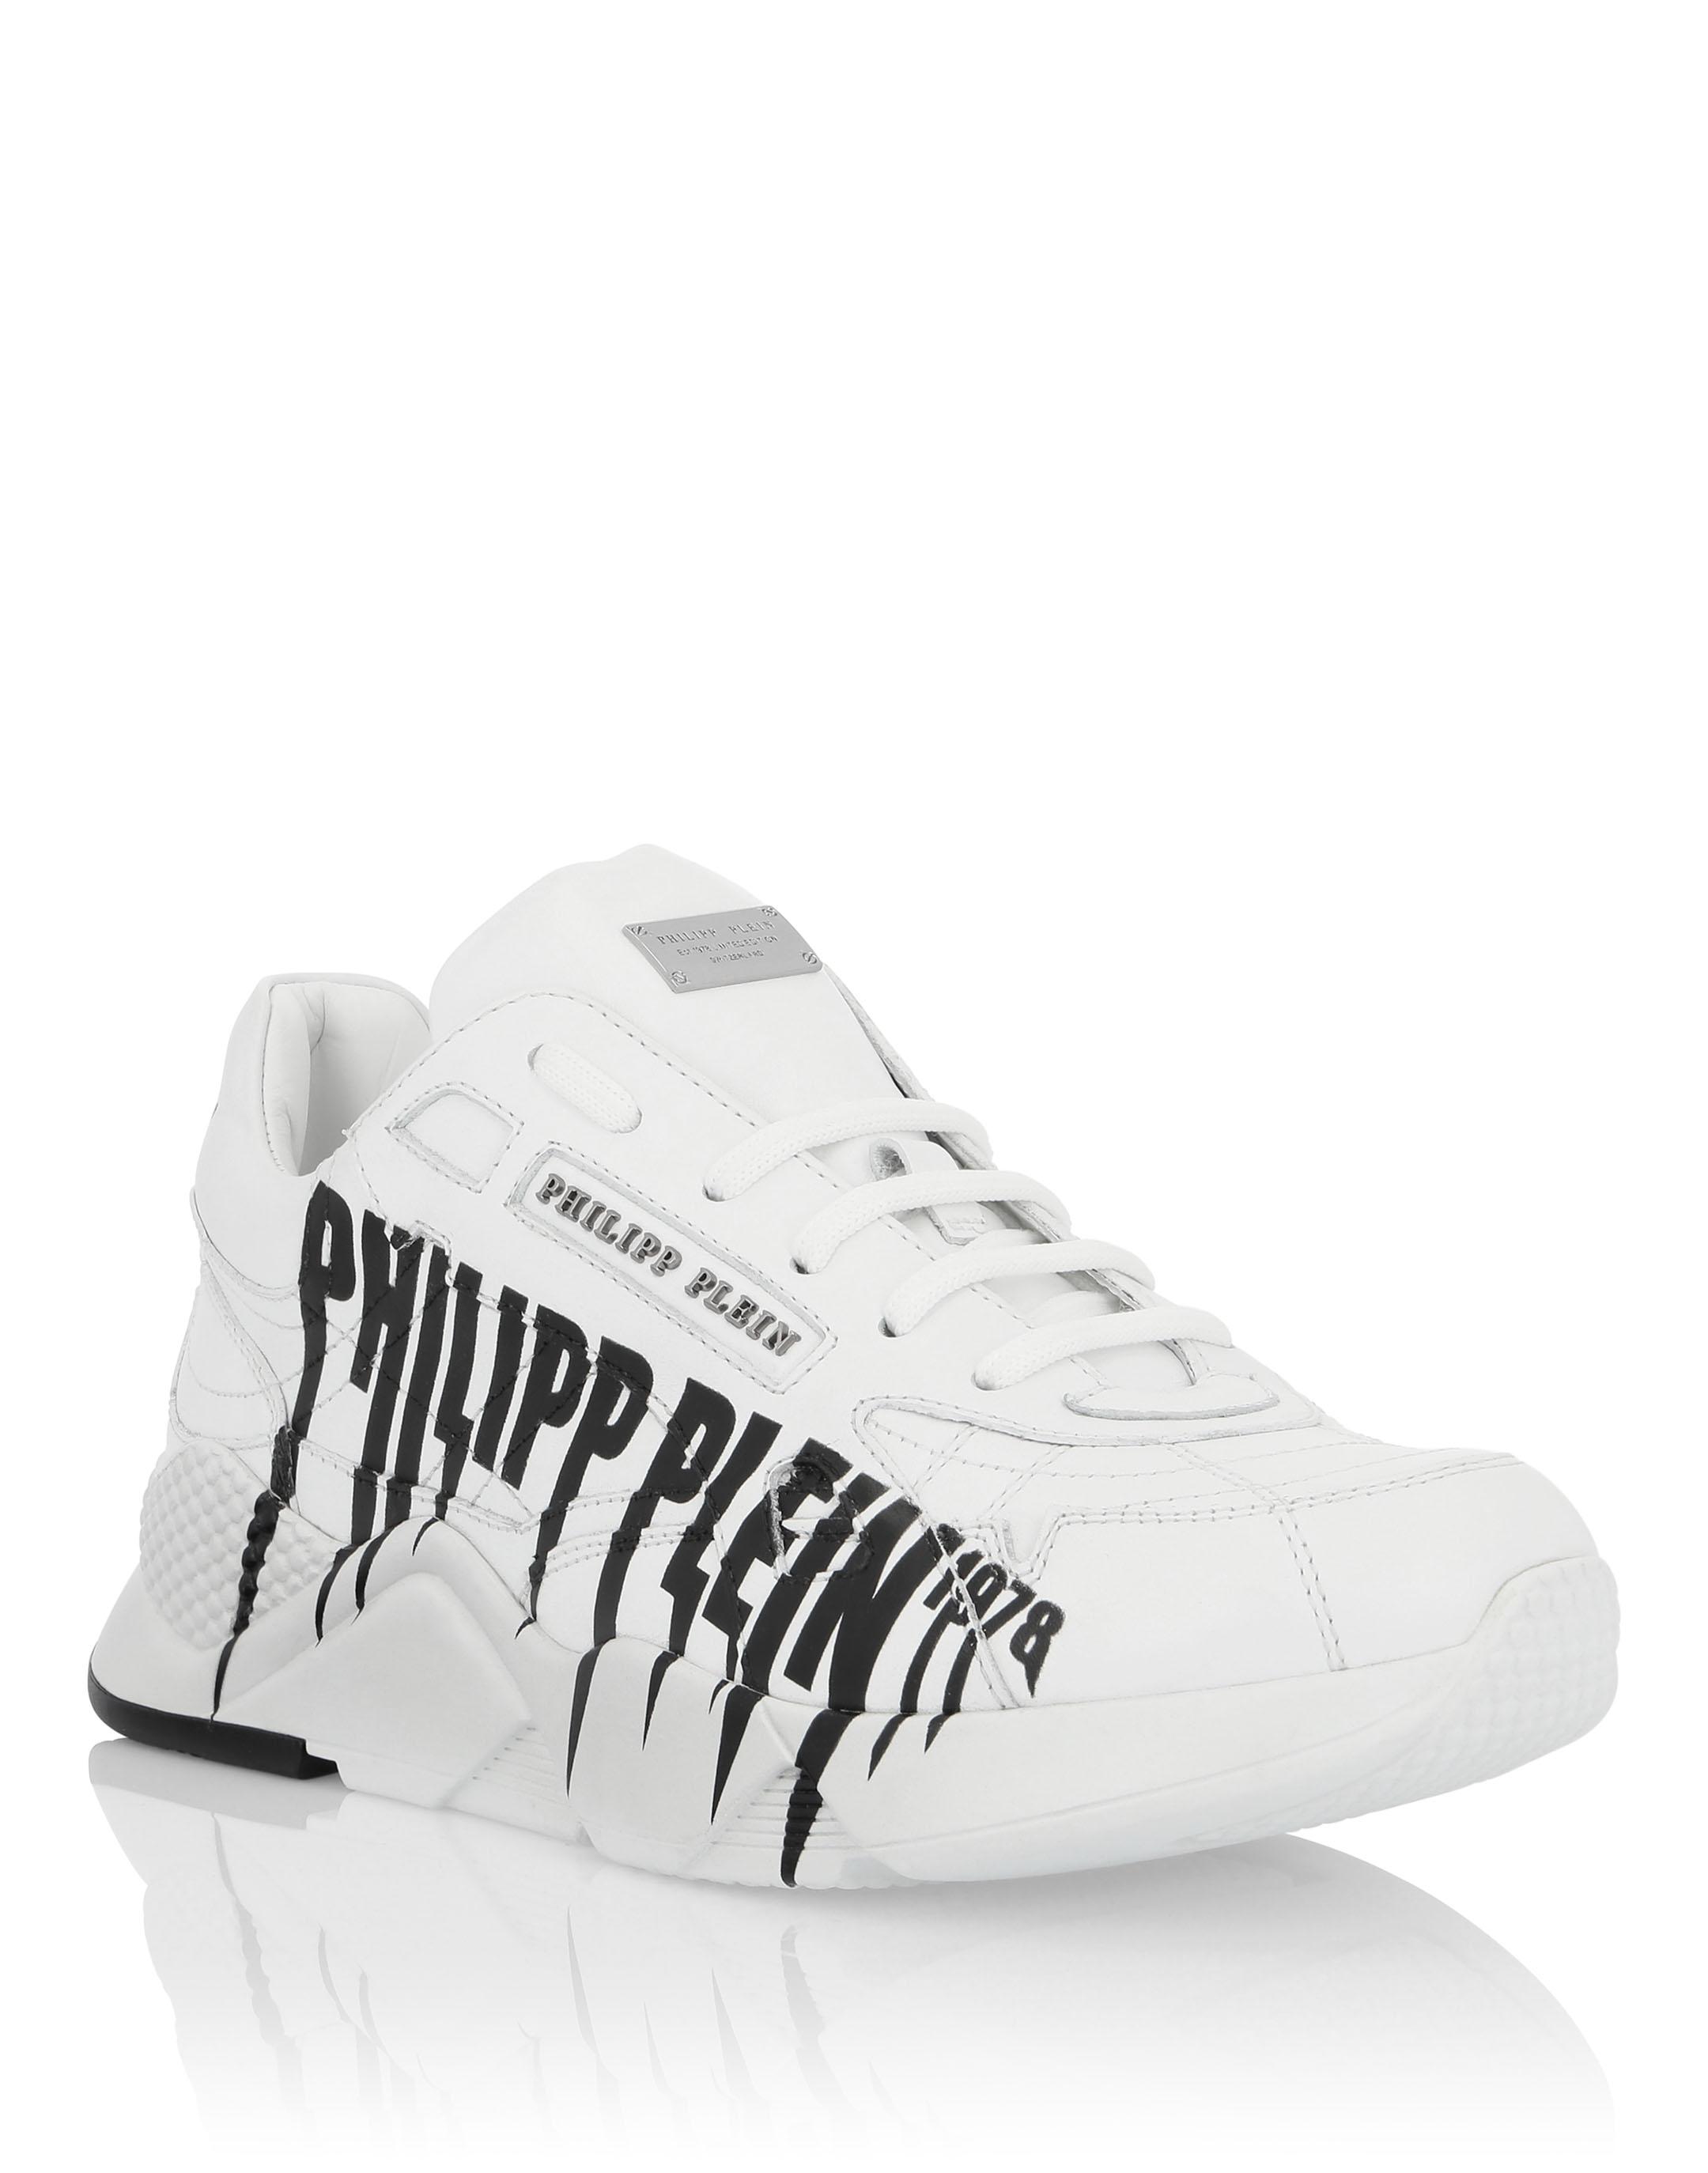 PHILIPP PLEIN Runner Rock Pp in White